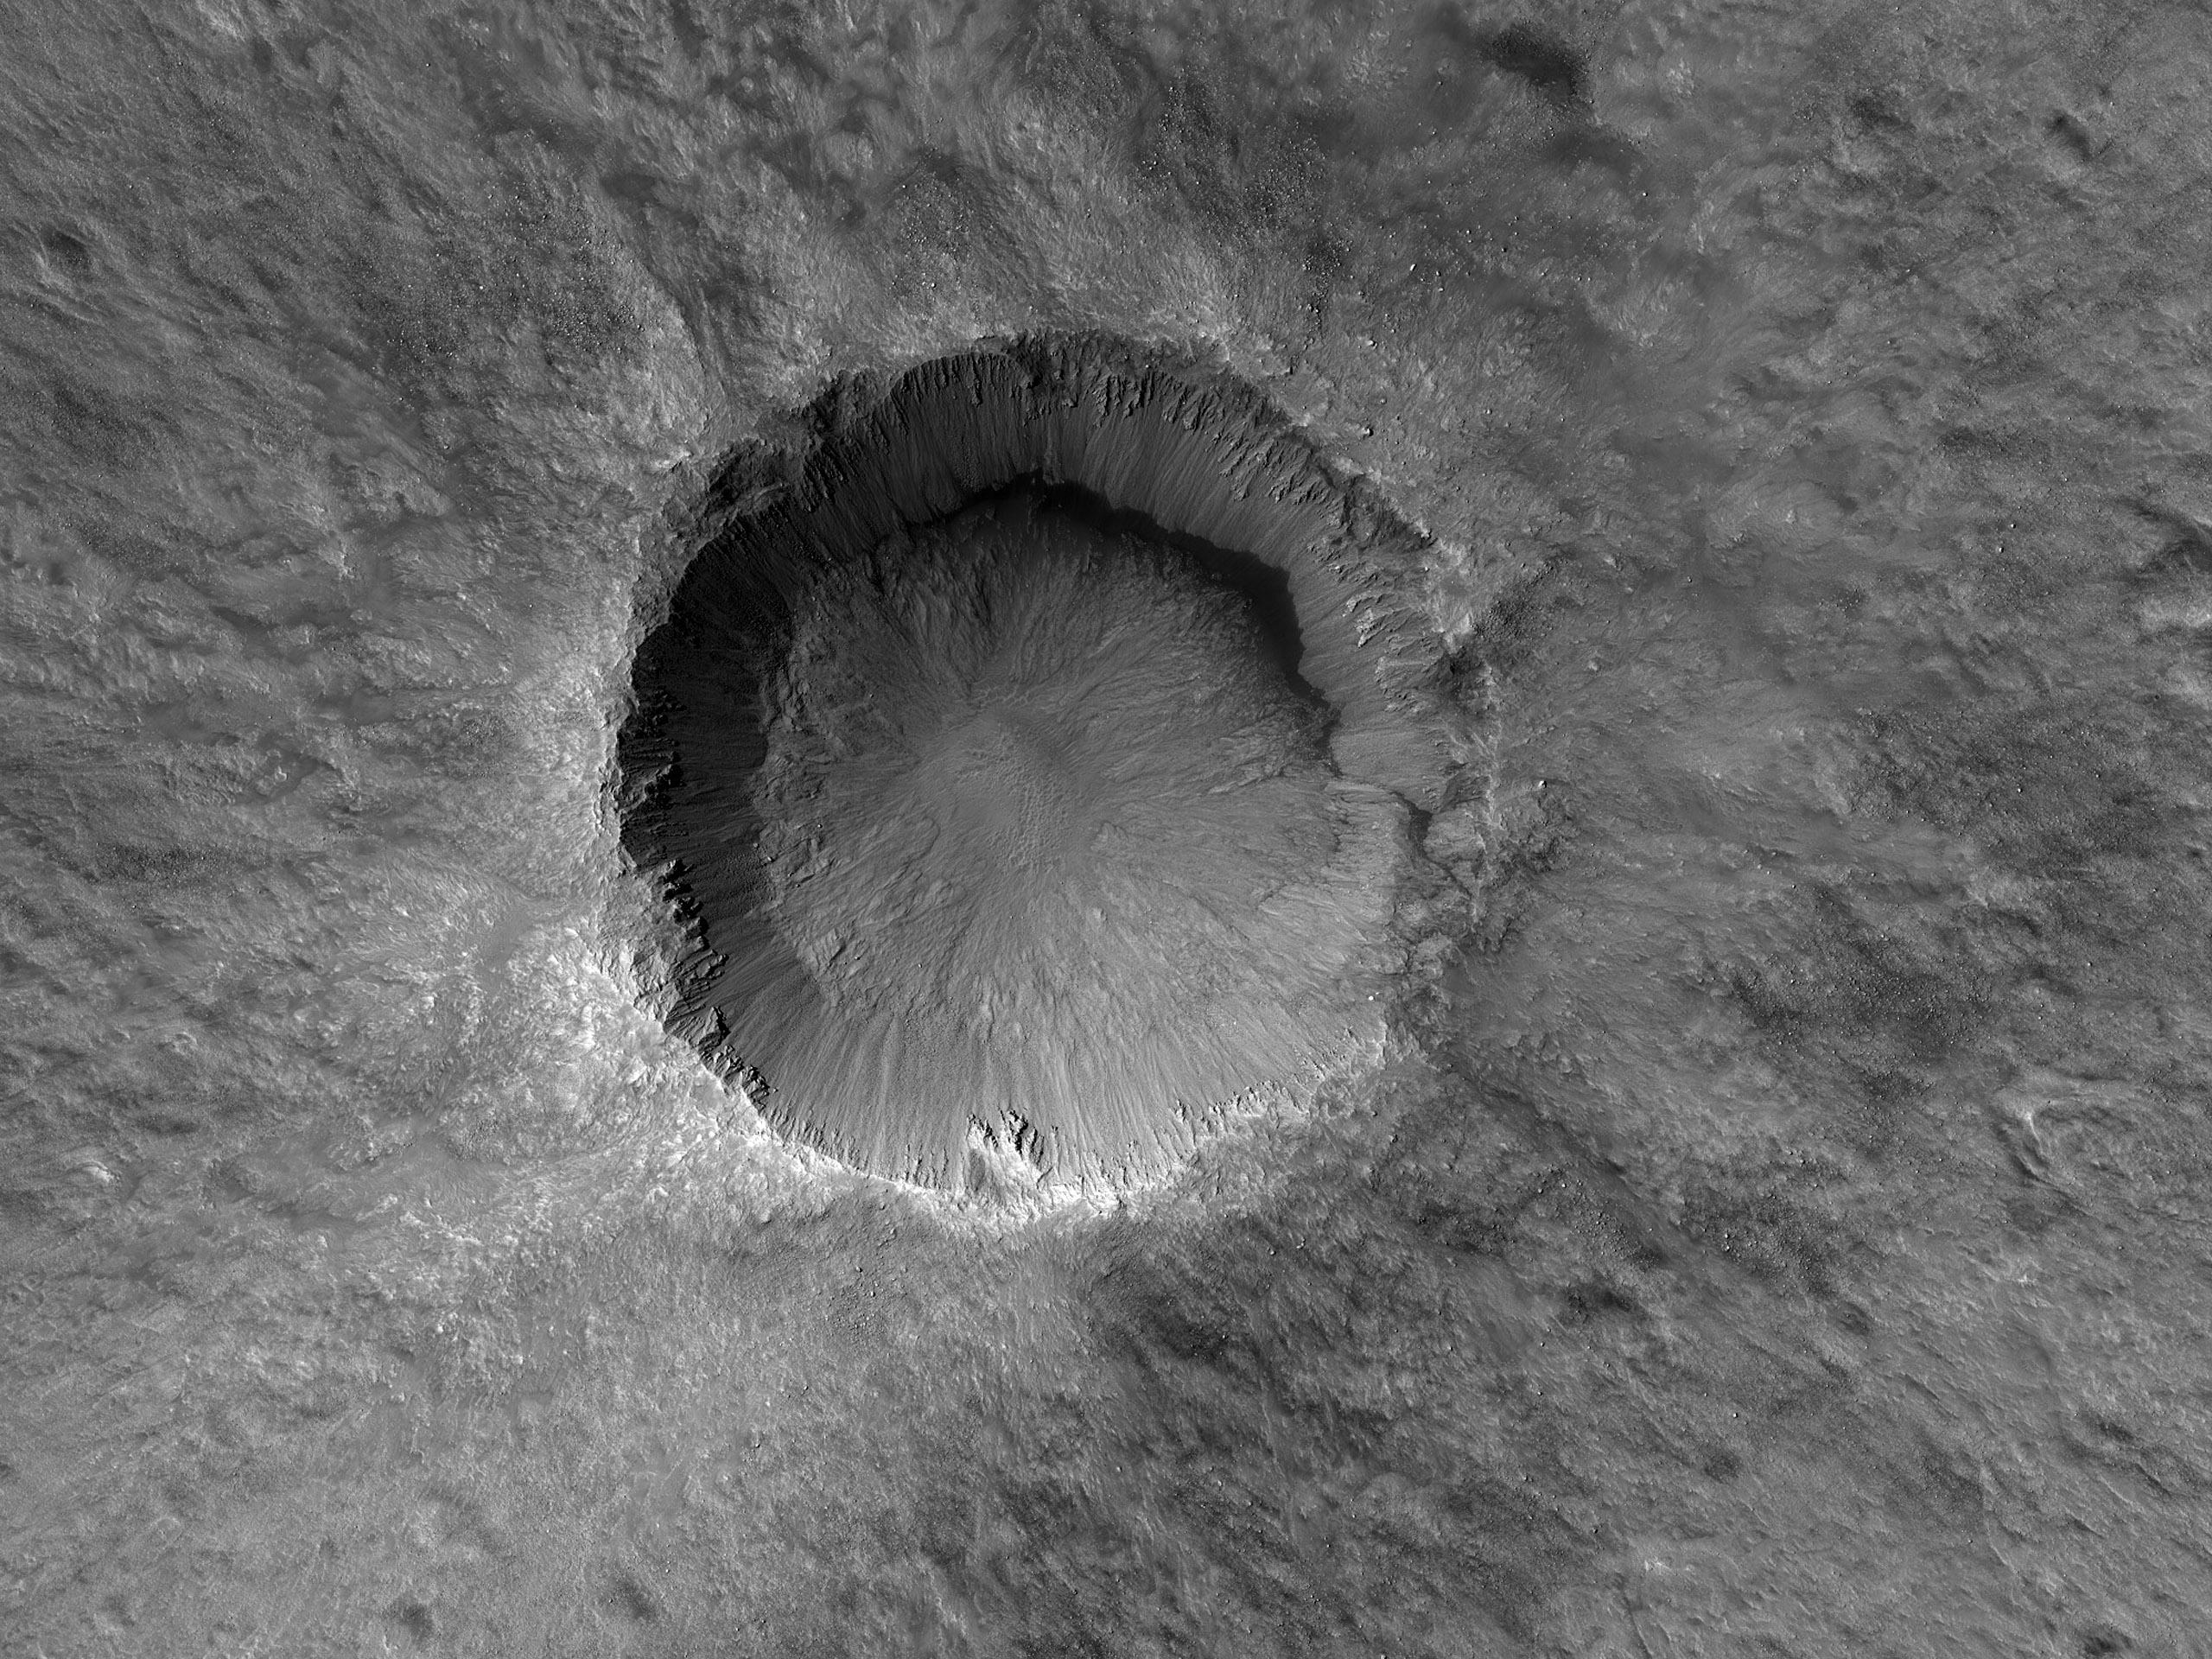 Jó állapotban megmaradt becsapódási kráter az Acidalia Planitia területén